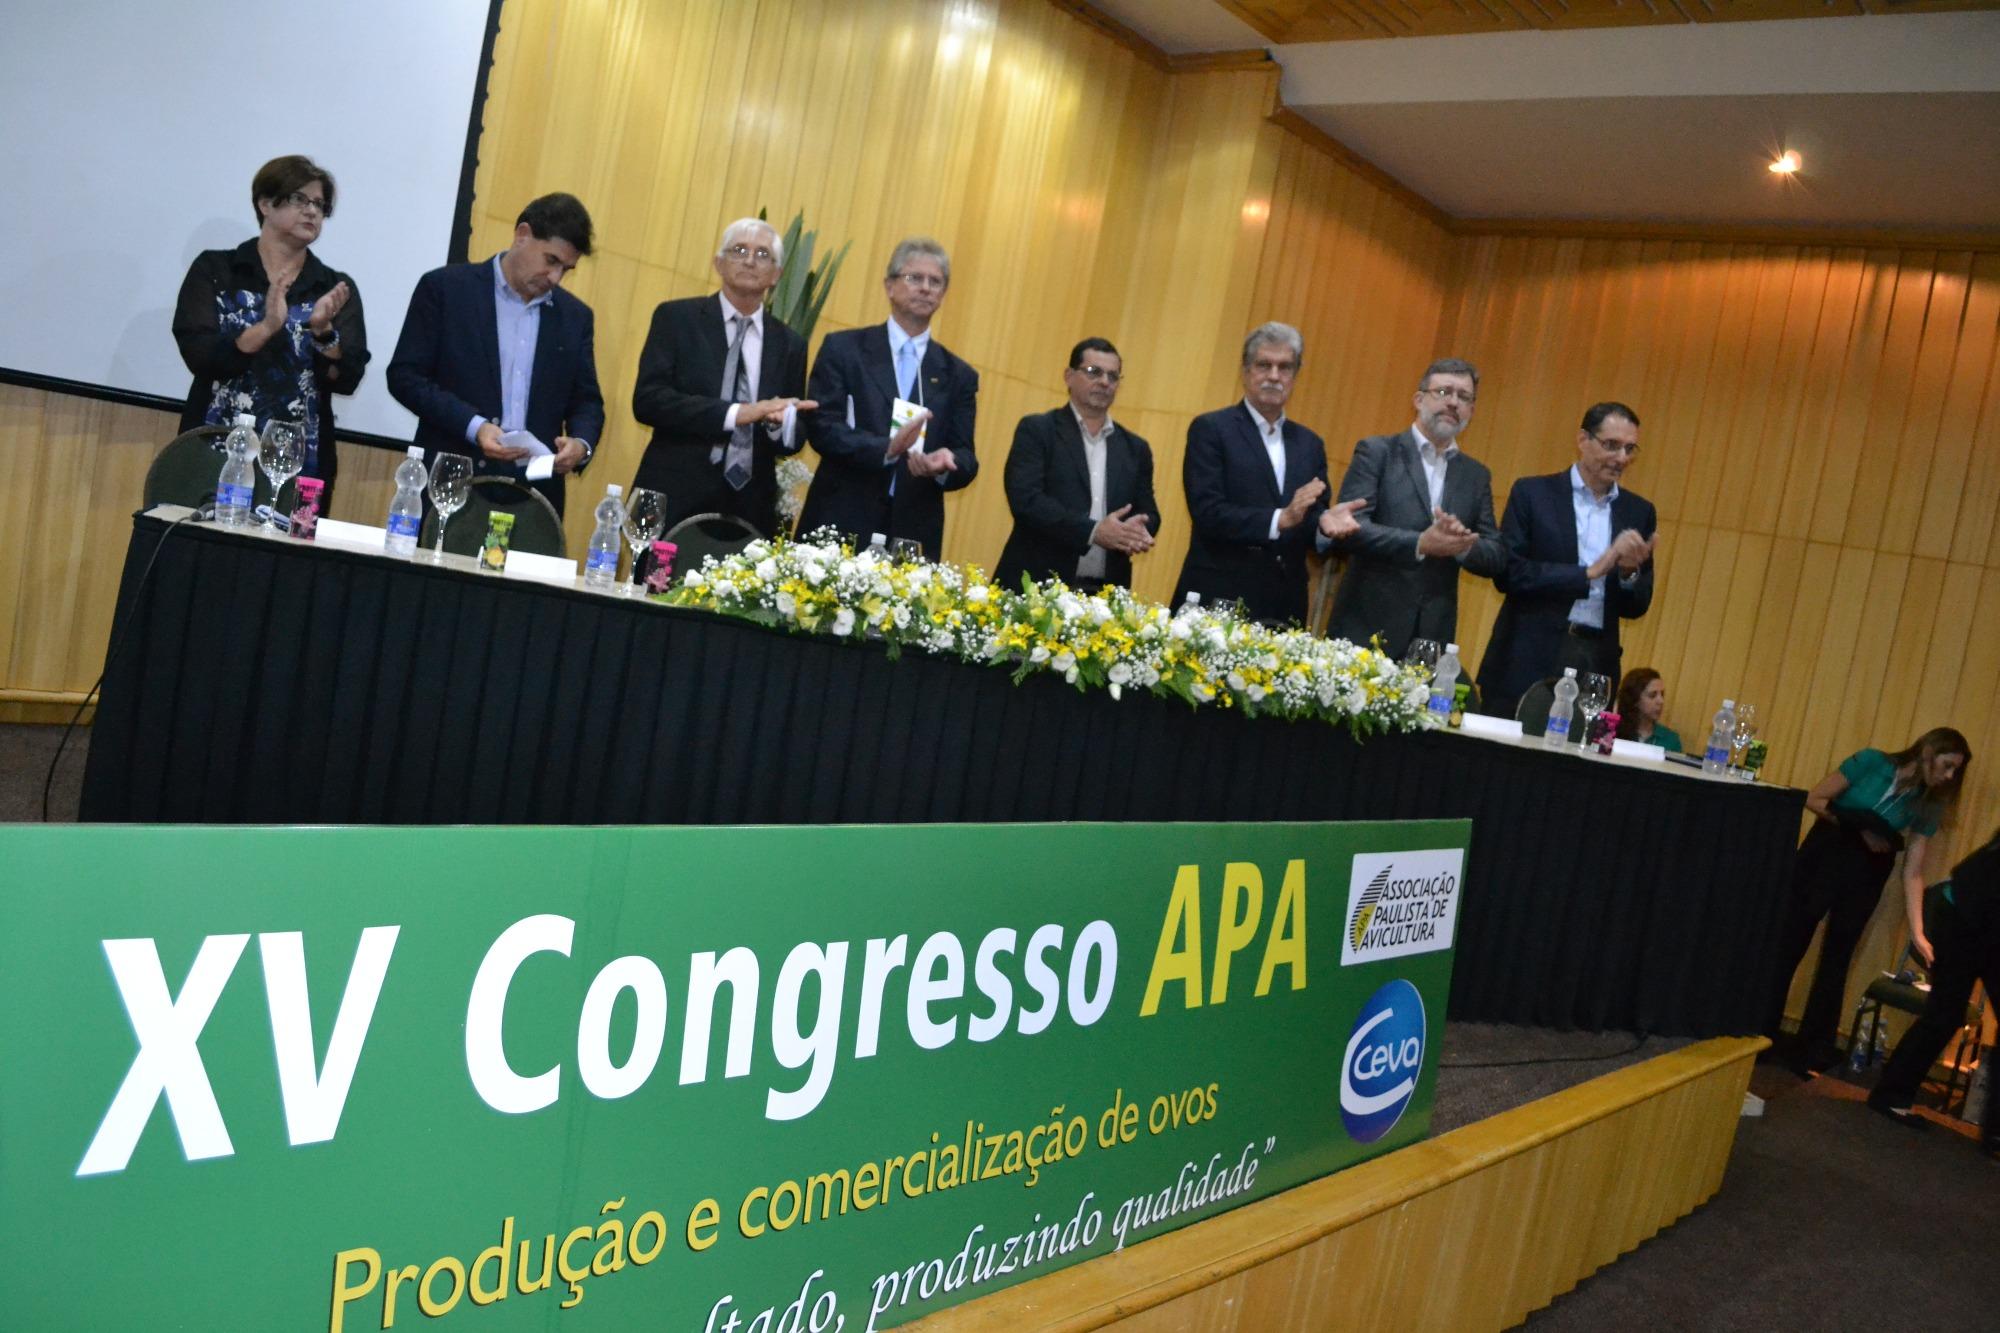 Confira a cobertura do Congresso APA de Produção e Comercialização de Ovos 2017